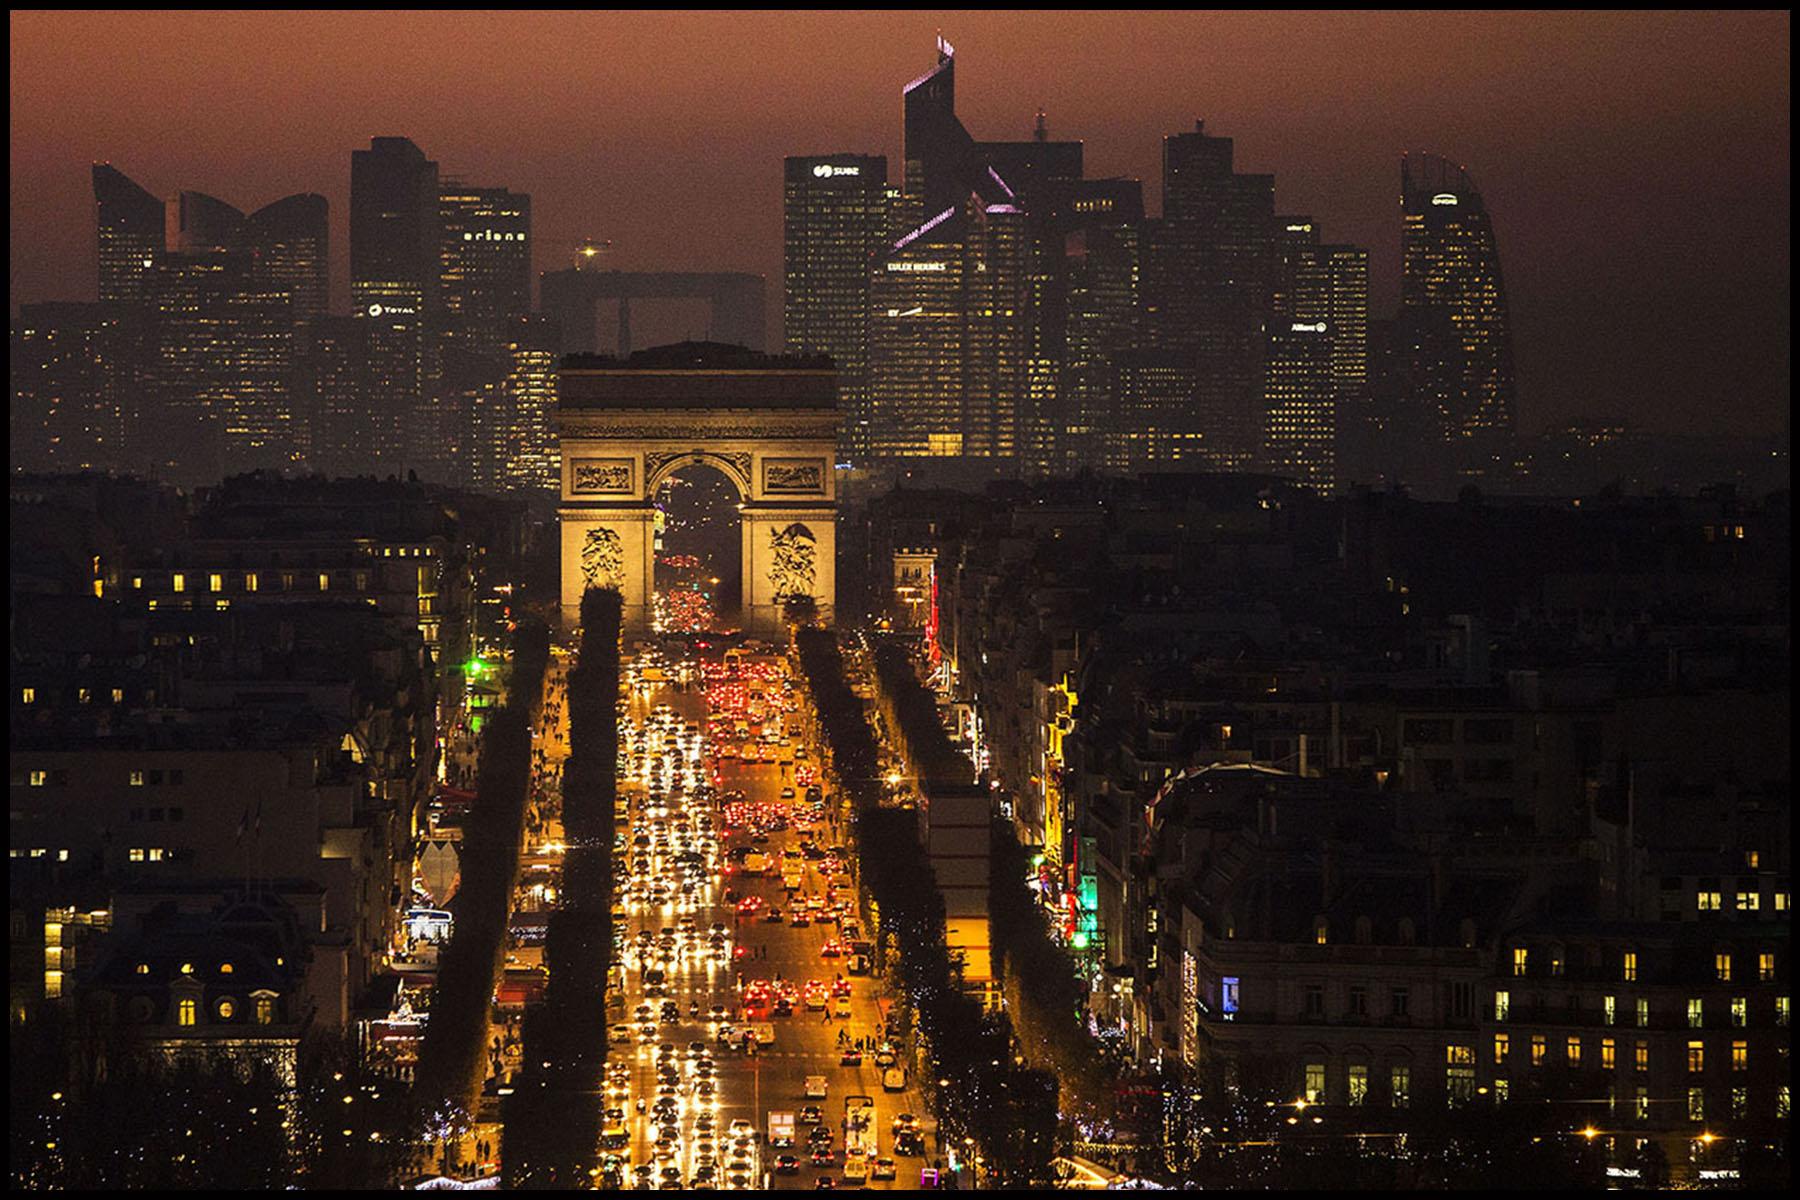 Illustration à Paris: Alignement des Champs Elysées, de l'Arc de Triomphe et du quartier des affaires de La Défense au coucher du soleil.